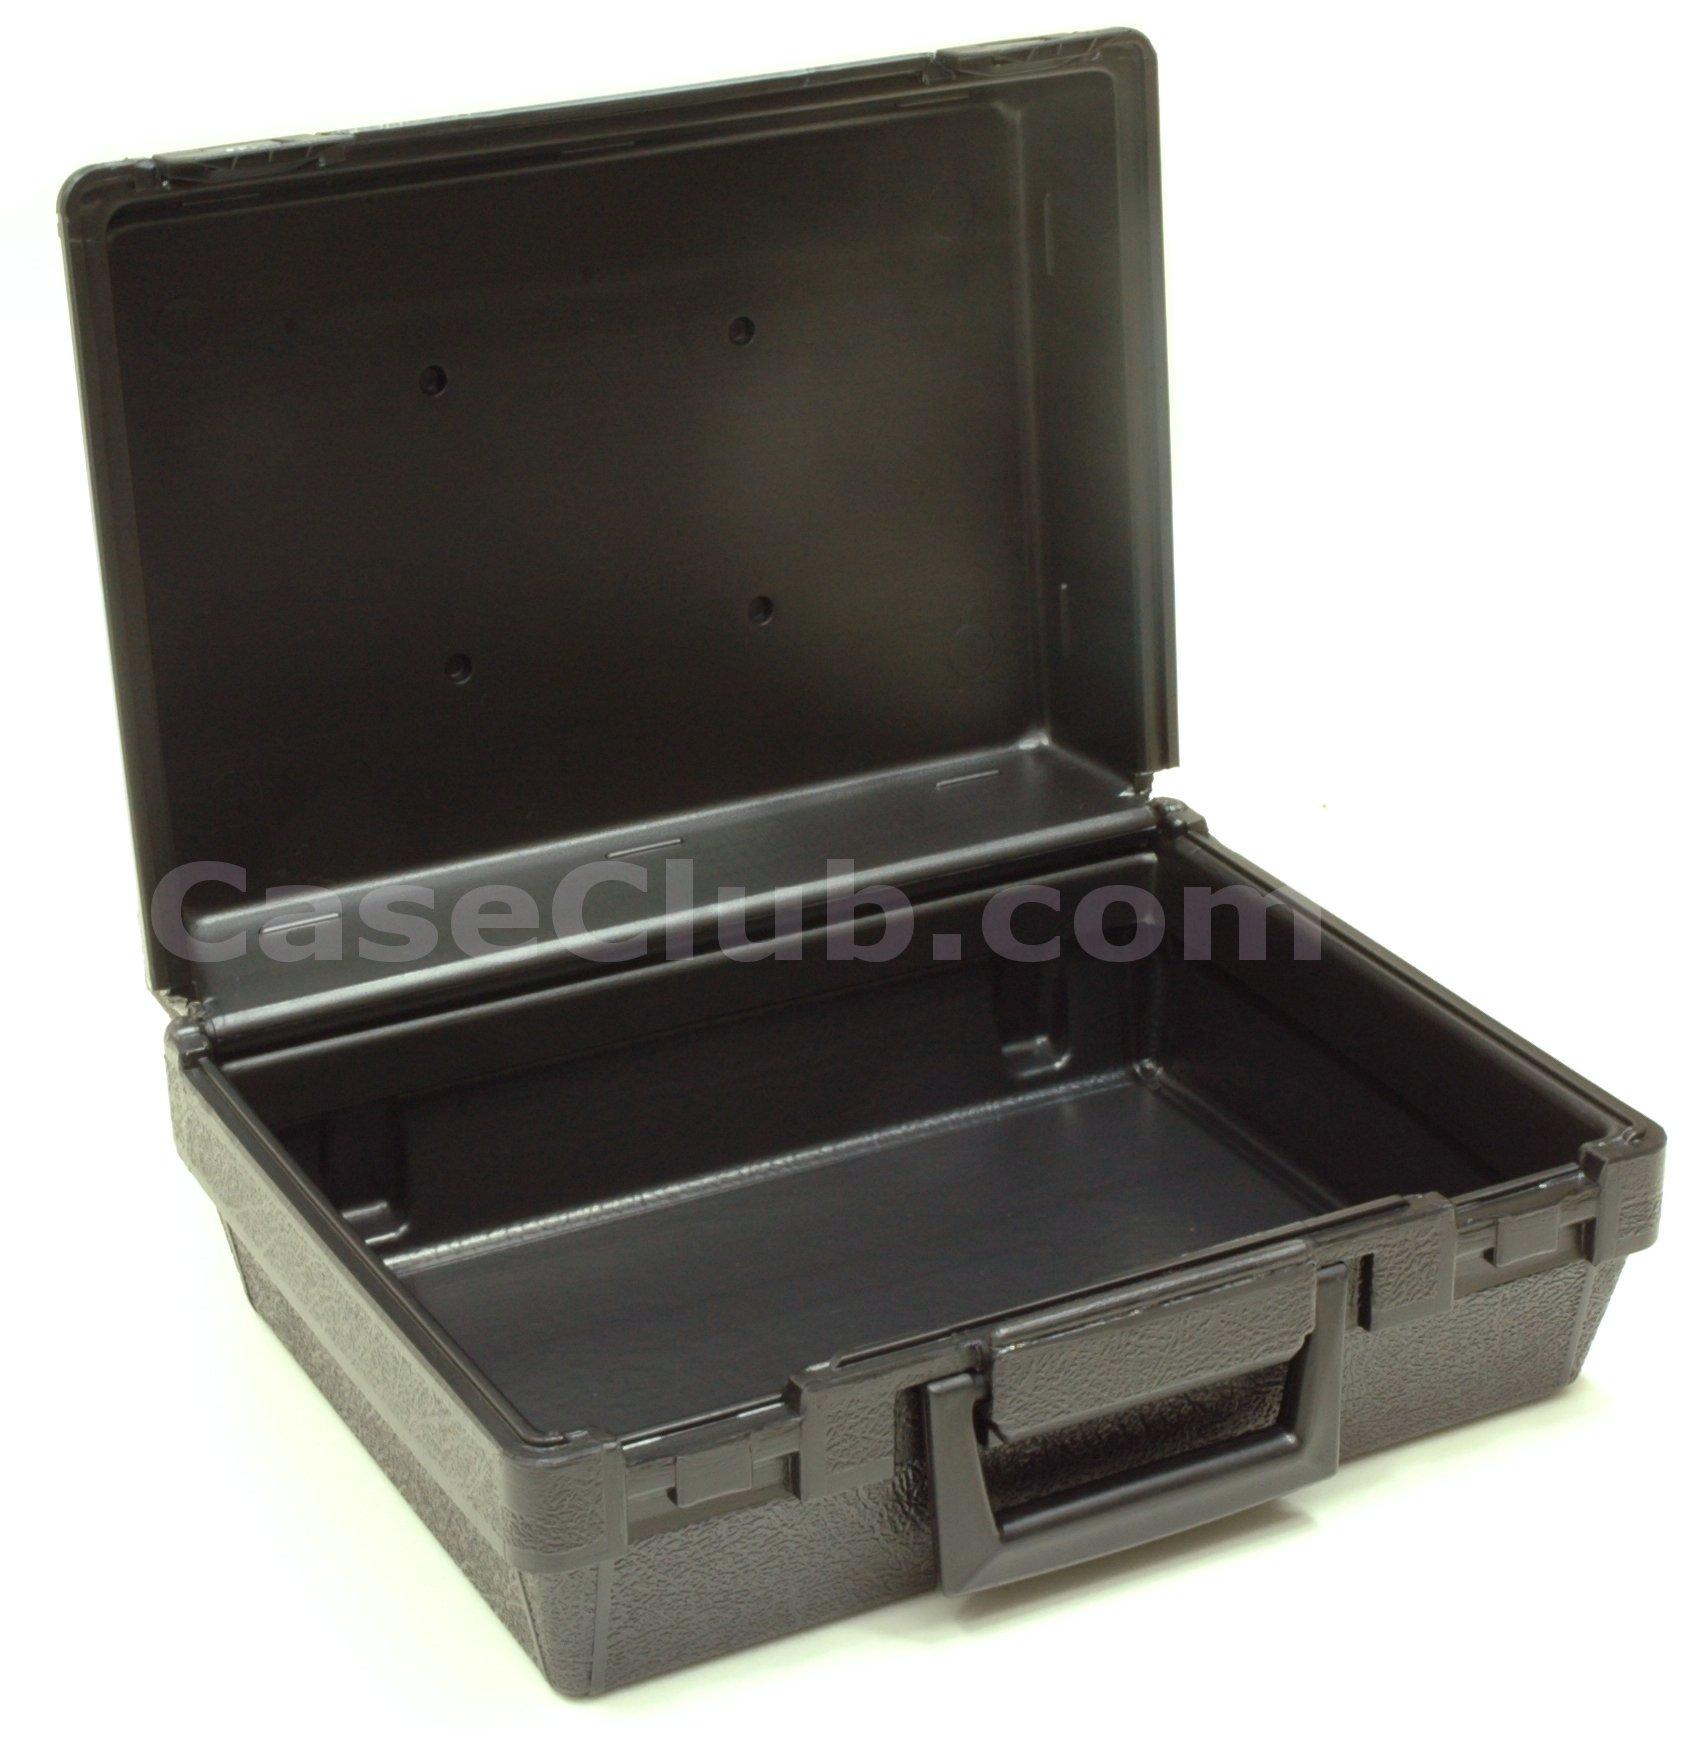 W13.5x10x5.5 Case